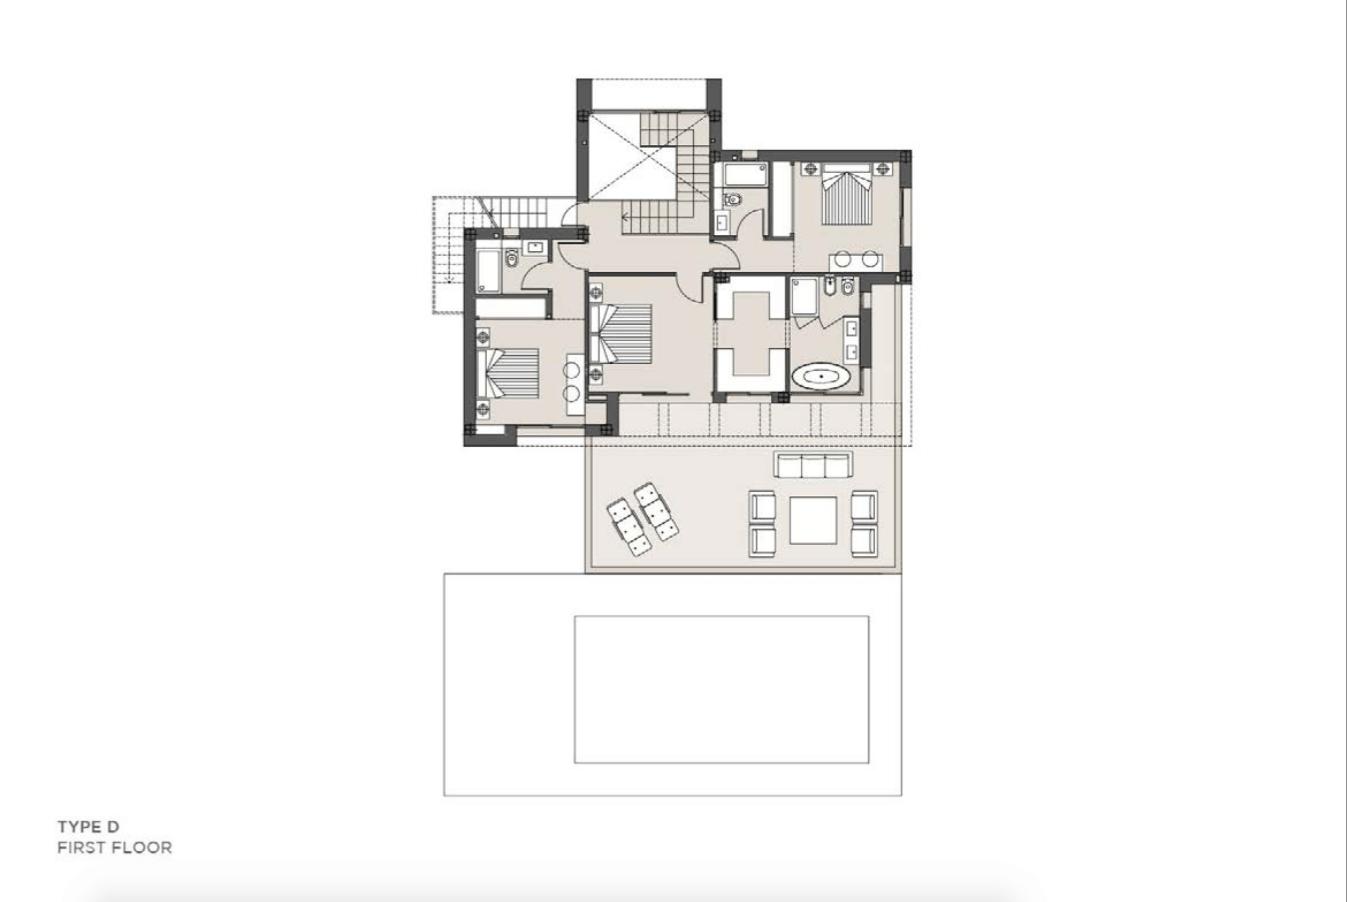 los olivos del paraiso benahavis moderne nieuwbouw villa te koop grondplan type d verdieping